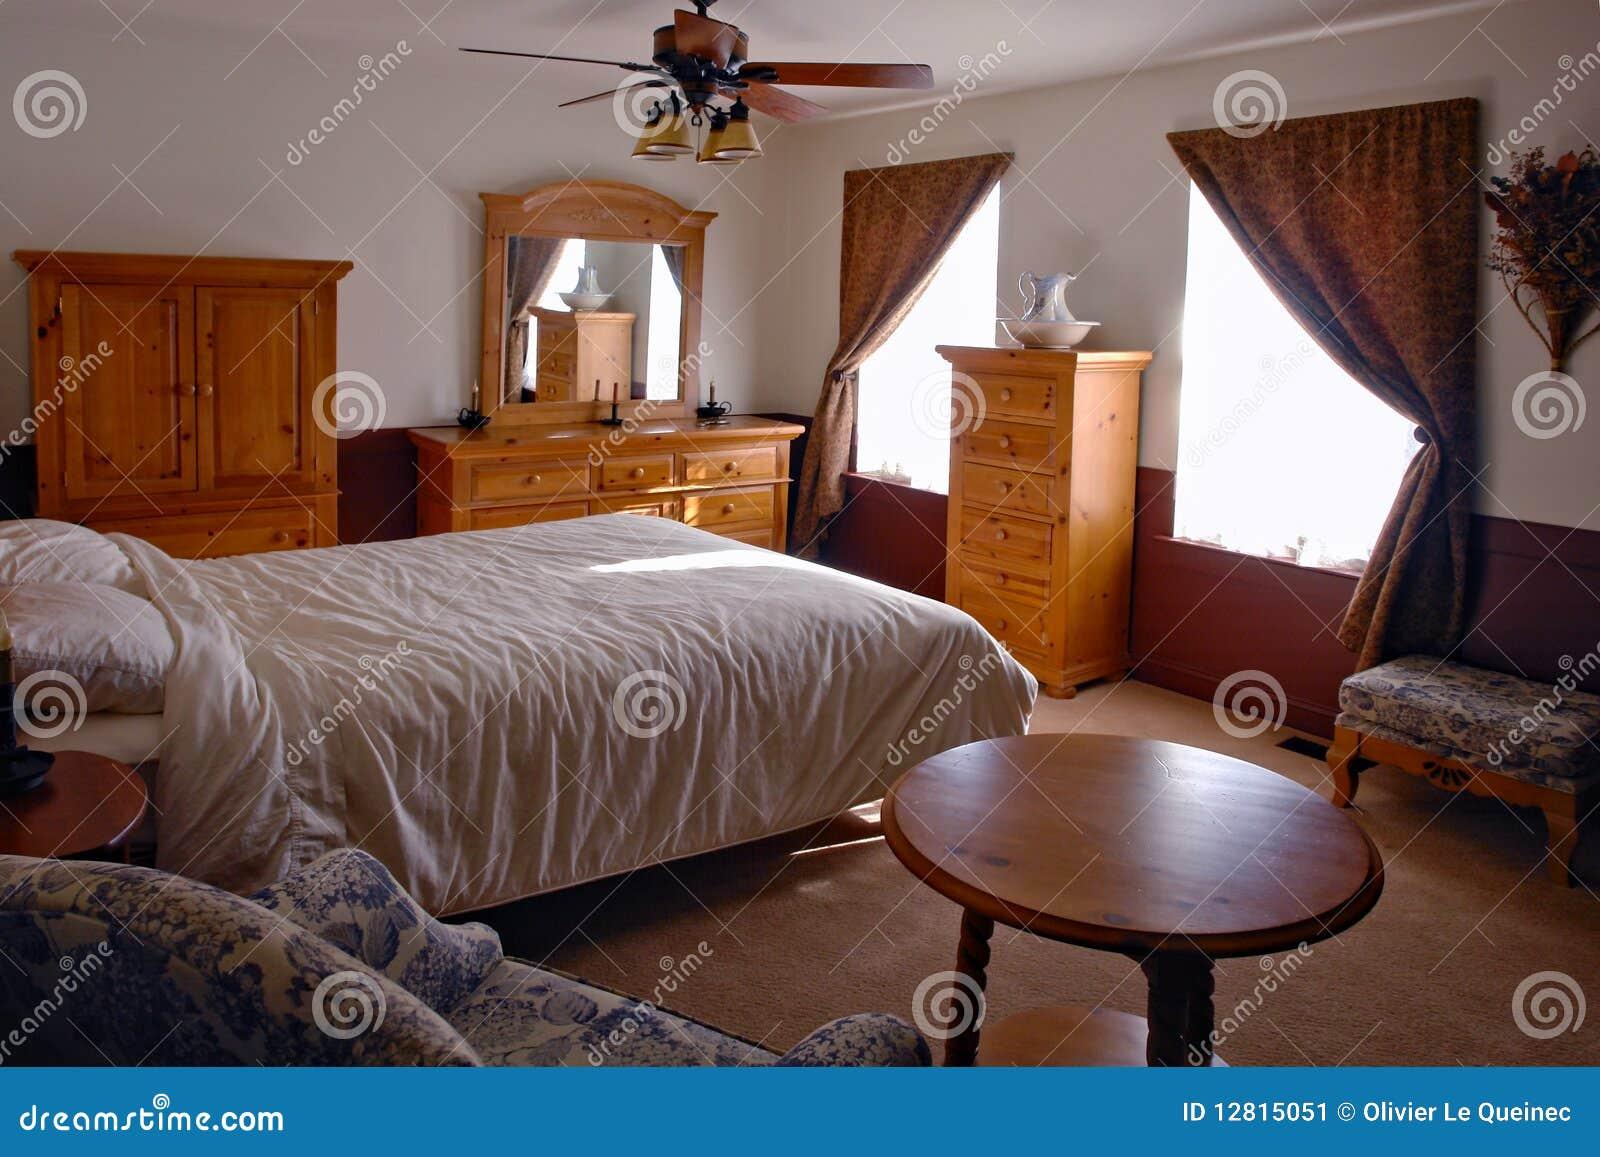 Slaapkamer Amerikaanse Stijl : Traditionele amerikaanse binnenlandse slaapkamer stock afbeelding